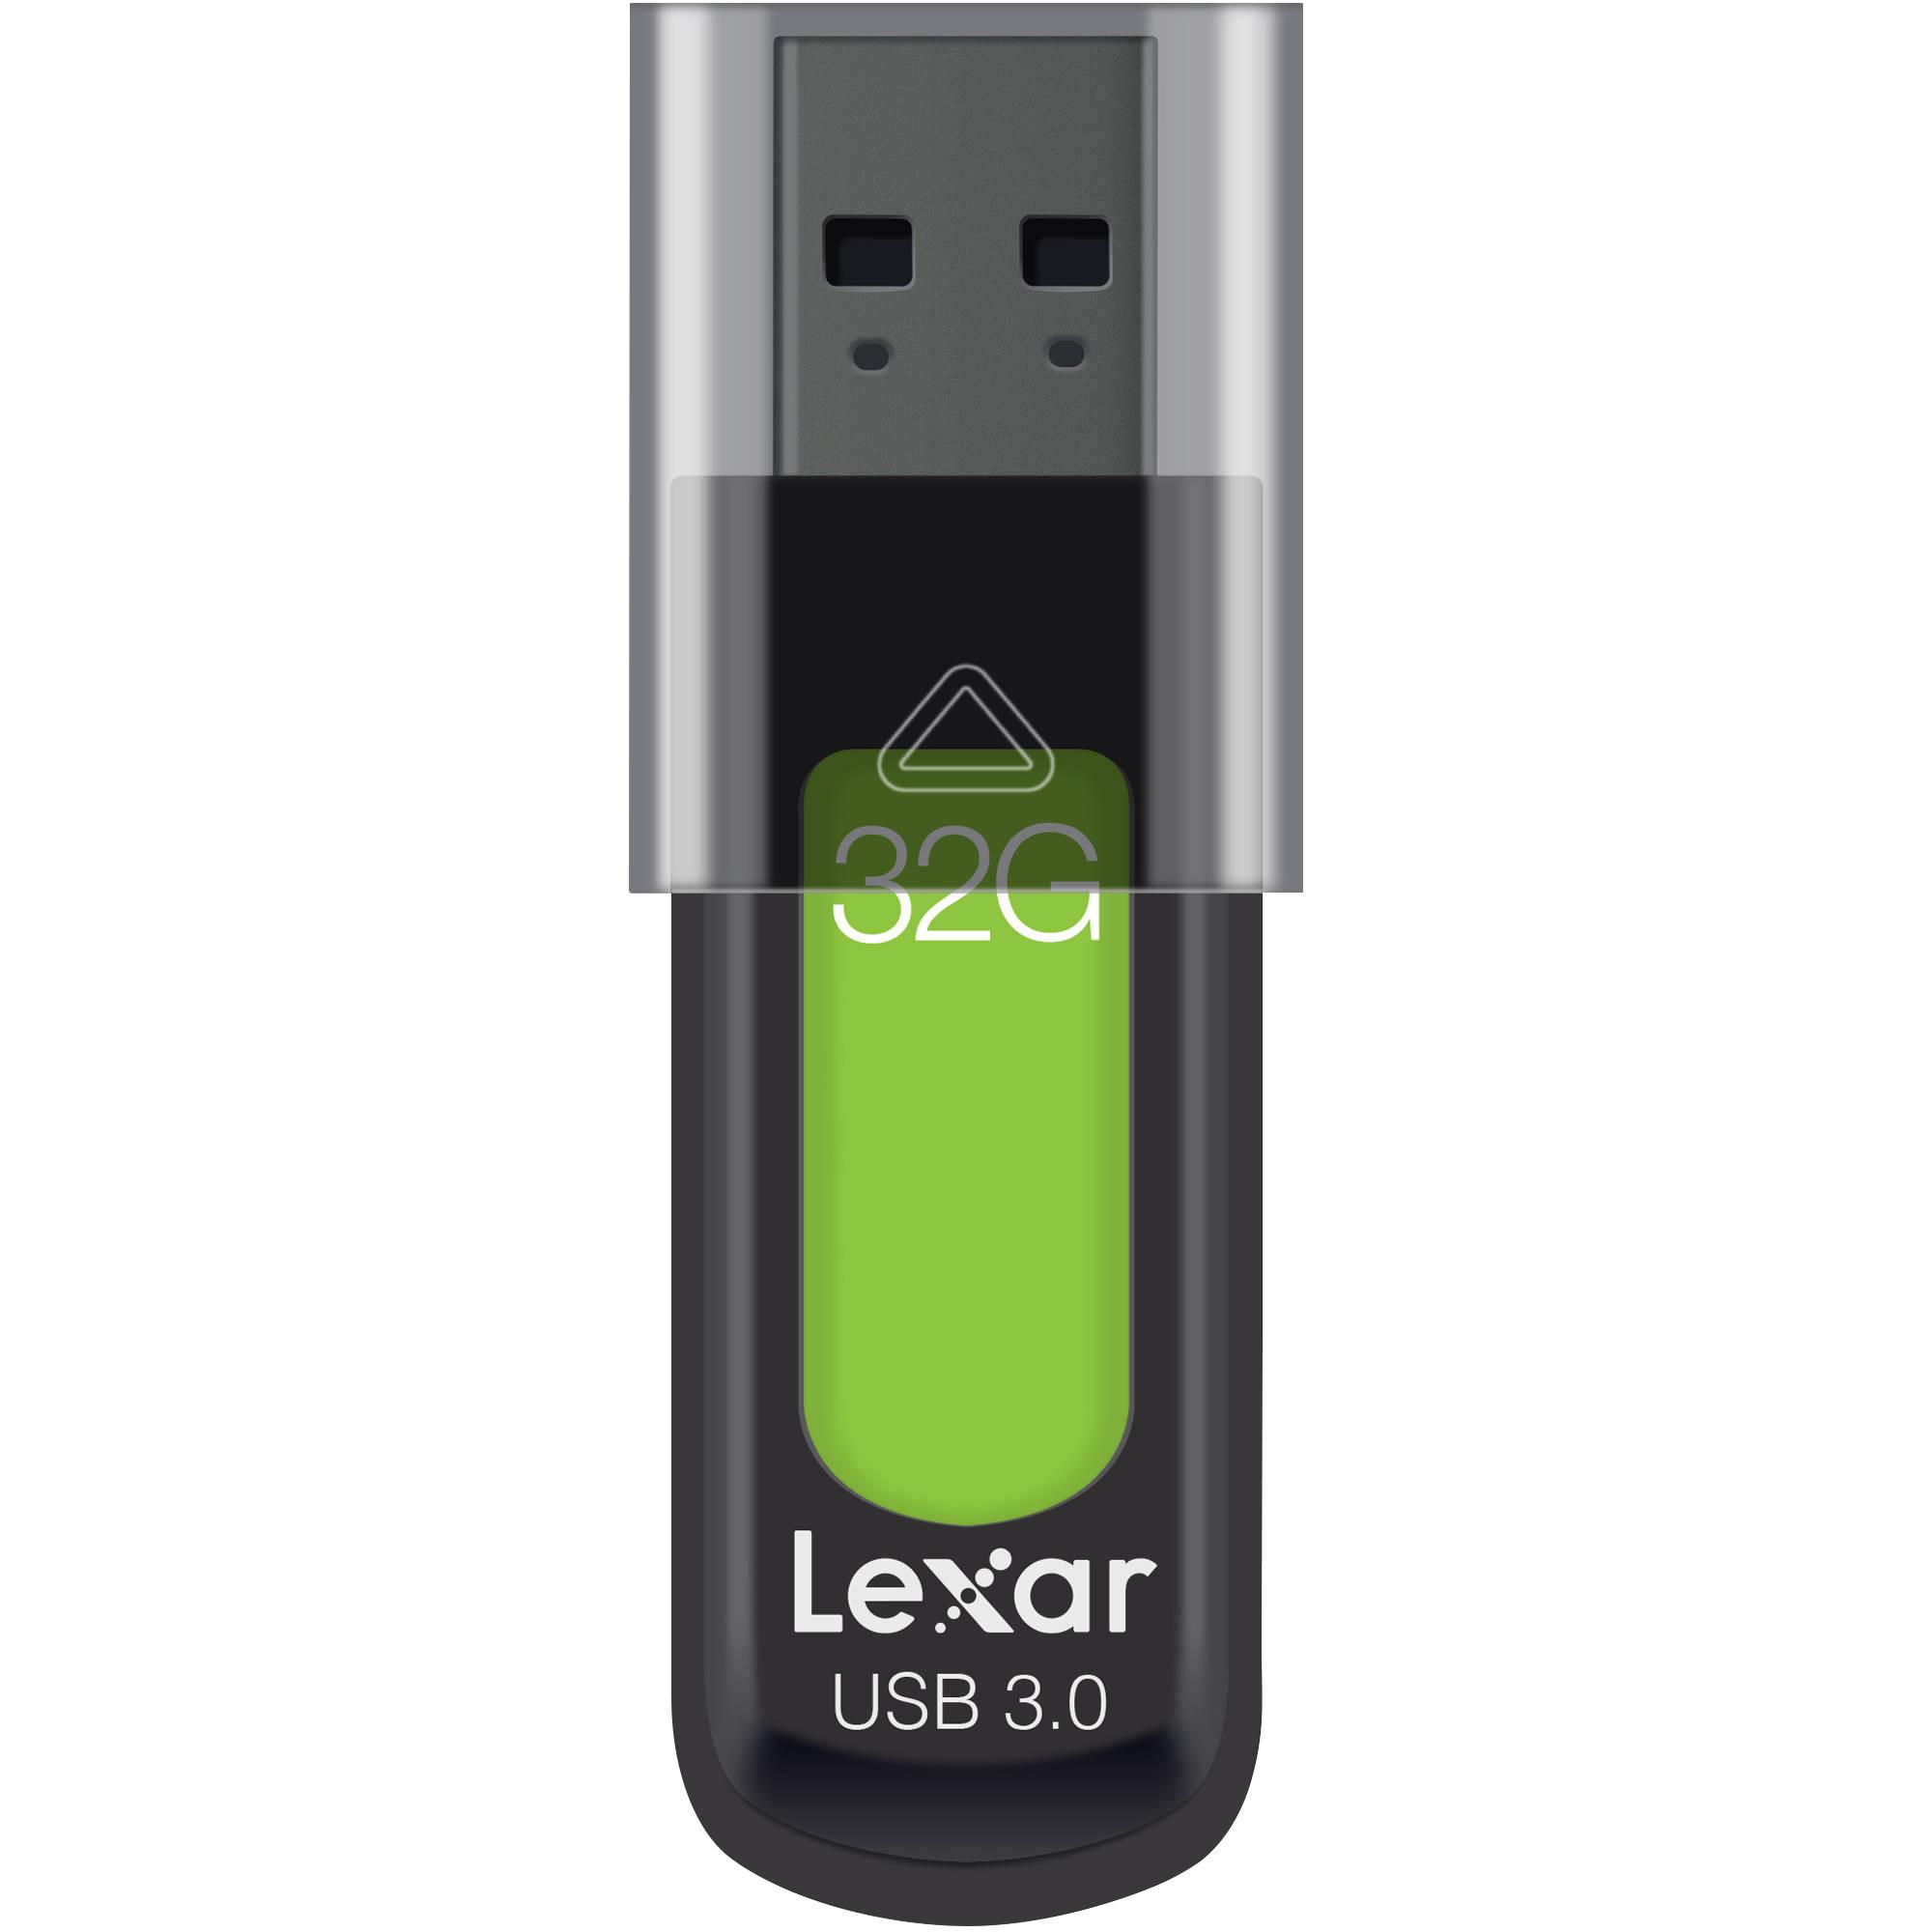 USB Lexar S57 JumpDrive 32GB - USB 3.0 - Hàng Chính Hãng